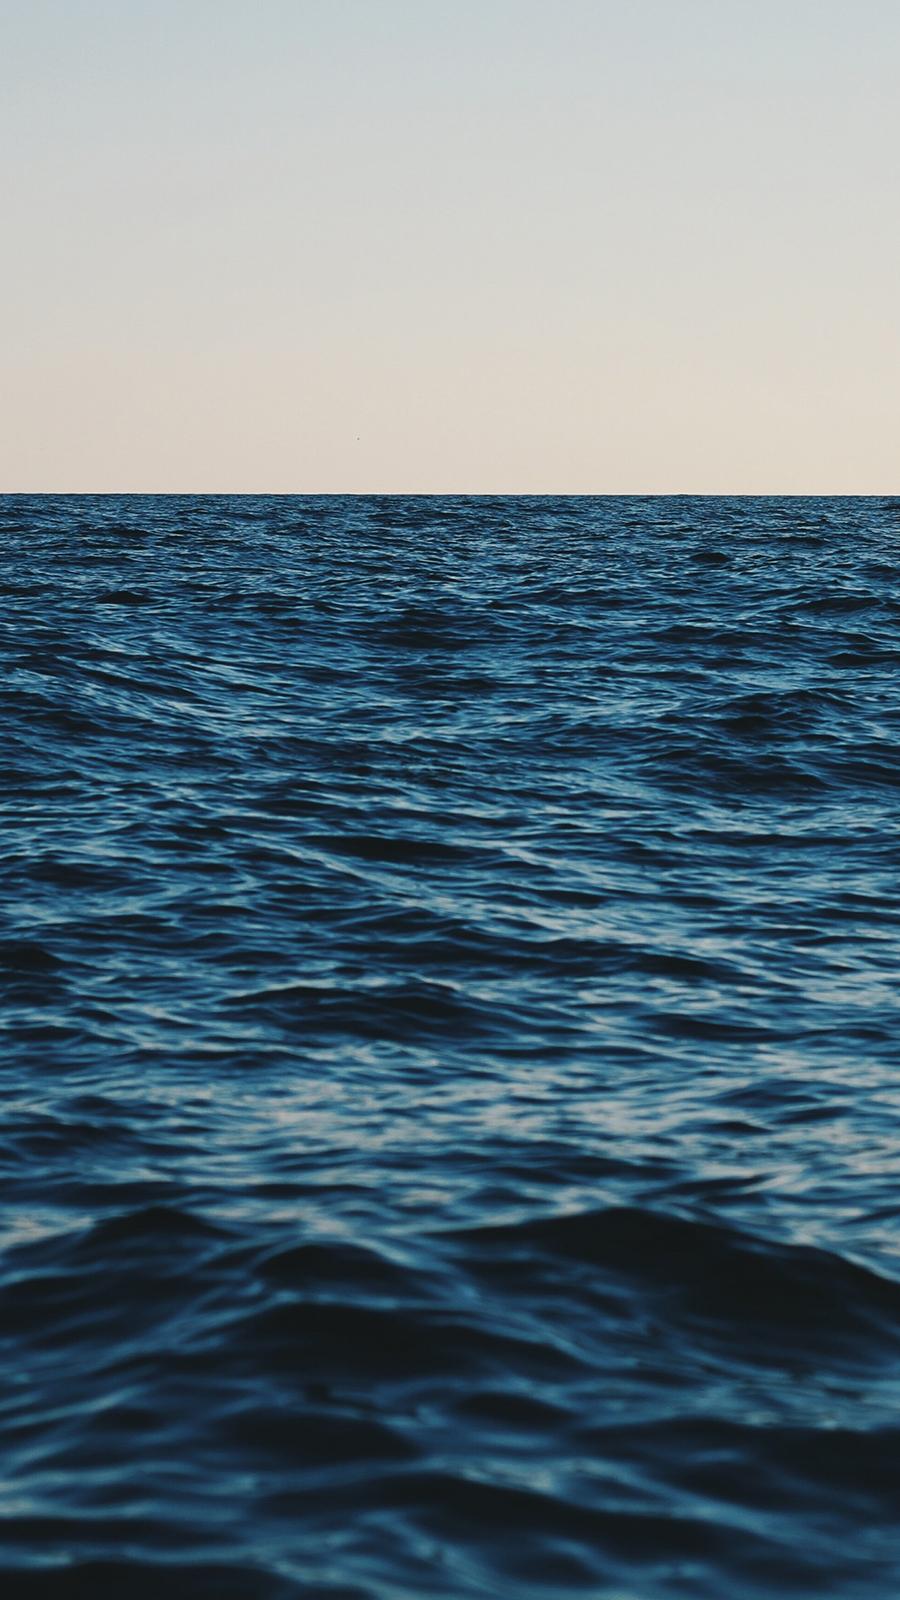 Sea, Horizon, Sky Full HD Wallpapers Download